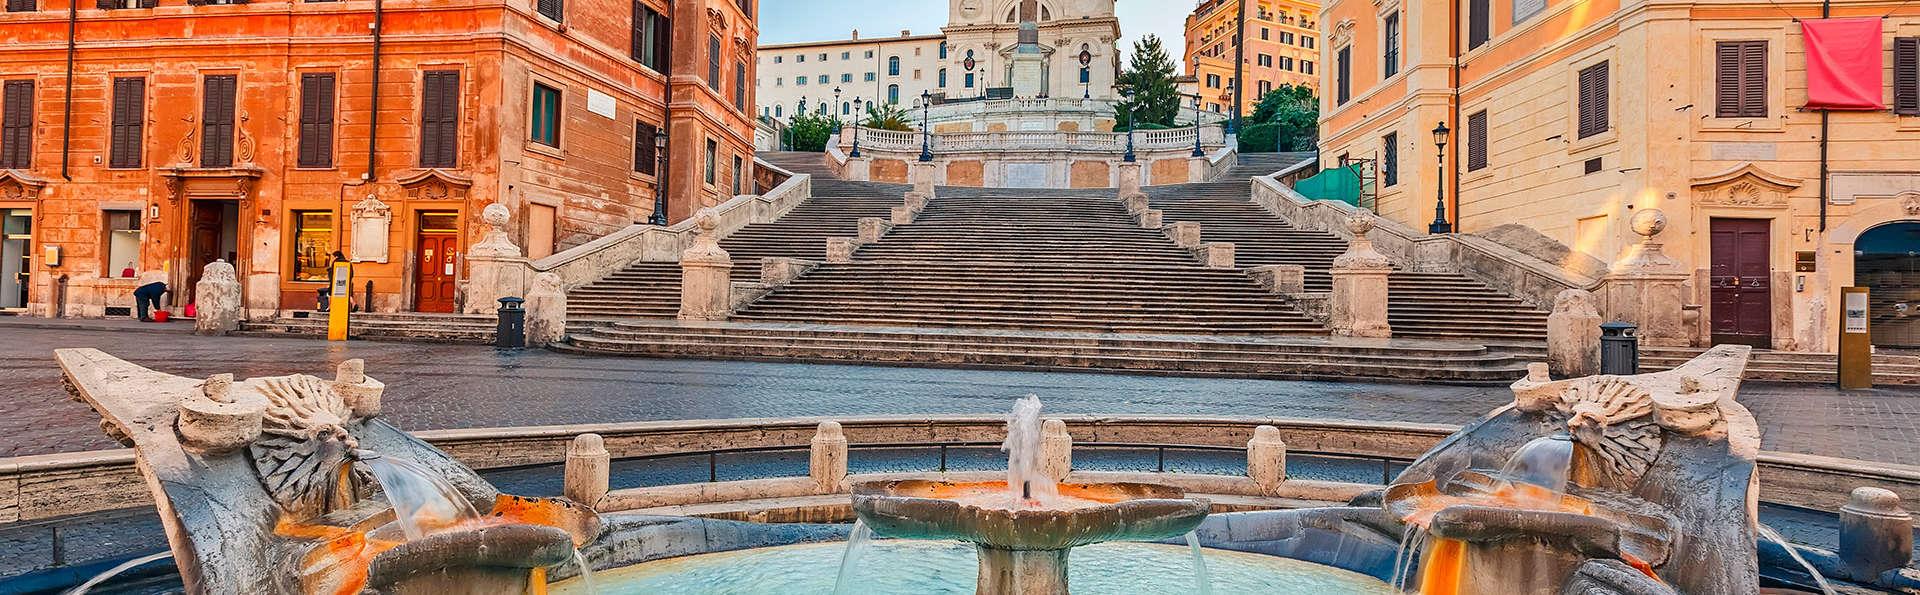 Hotel Al Manthia - Edit_Piazza-di-Spagna.jpg